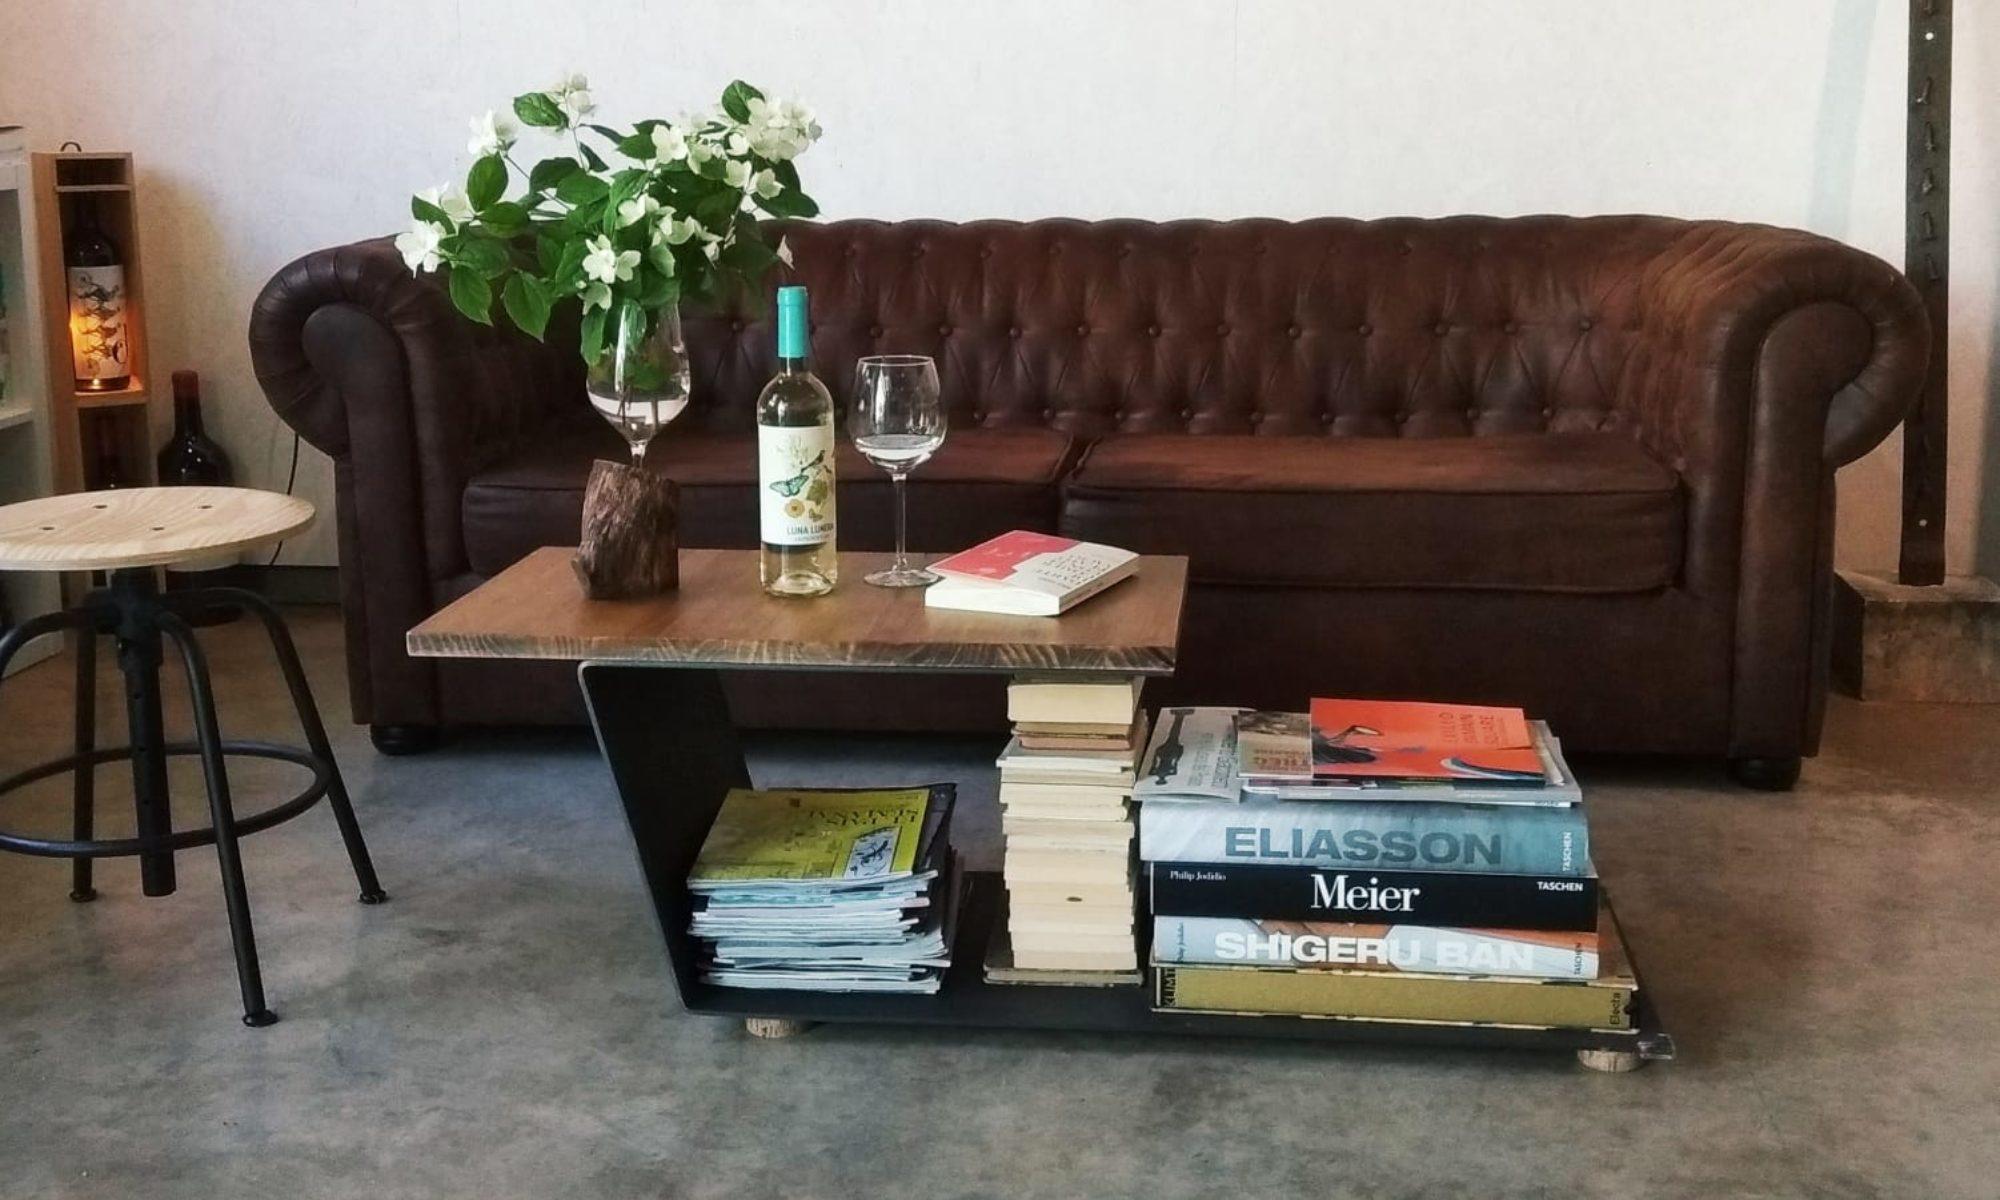 Escalopendra | Arte - Libros - Vino